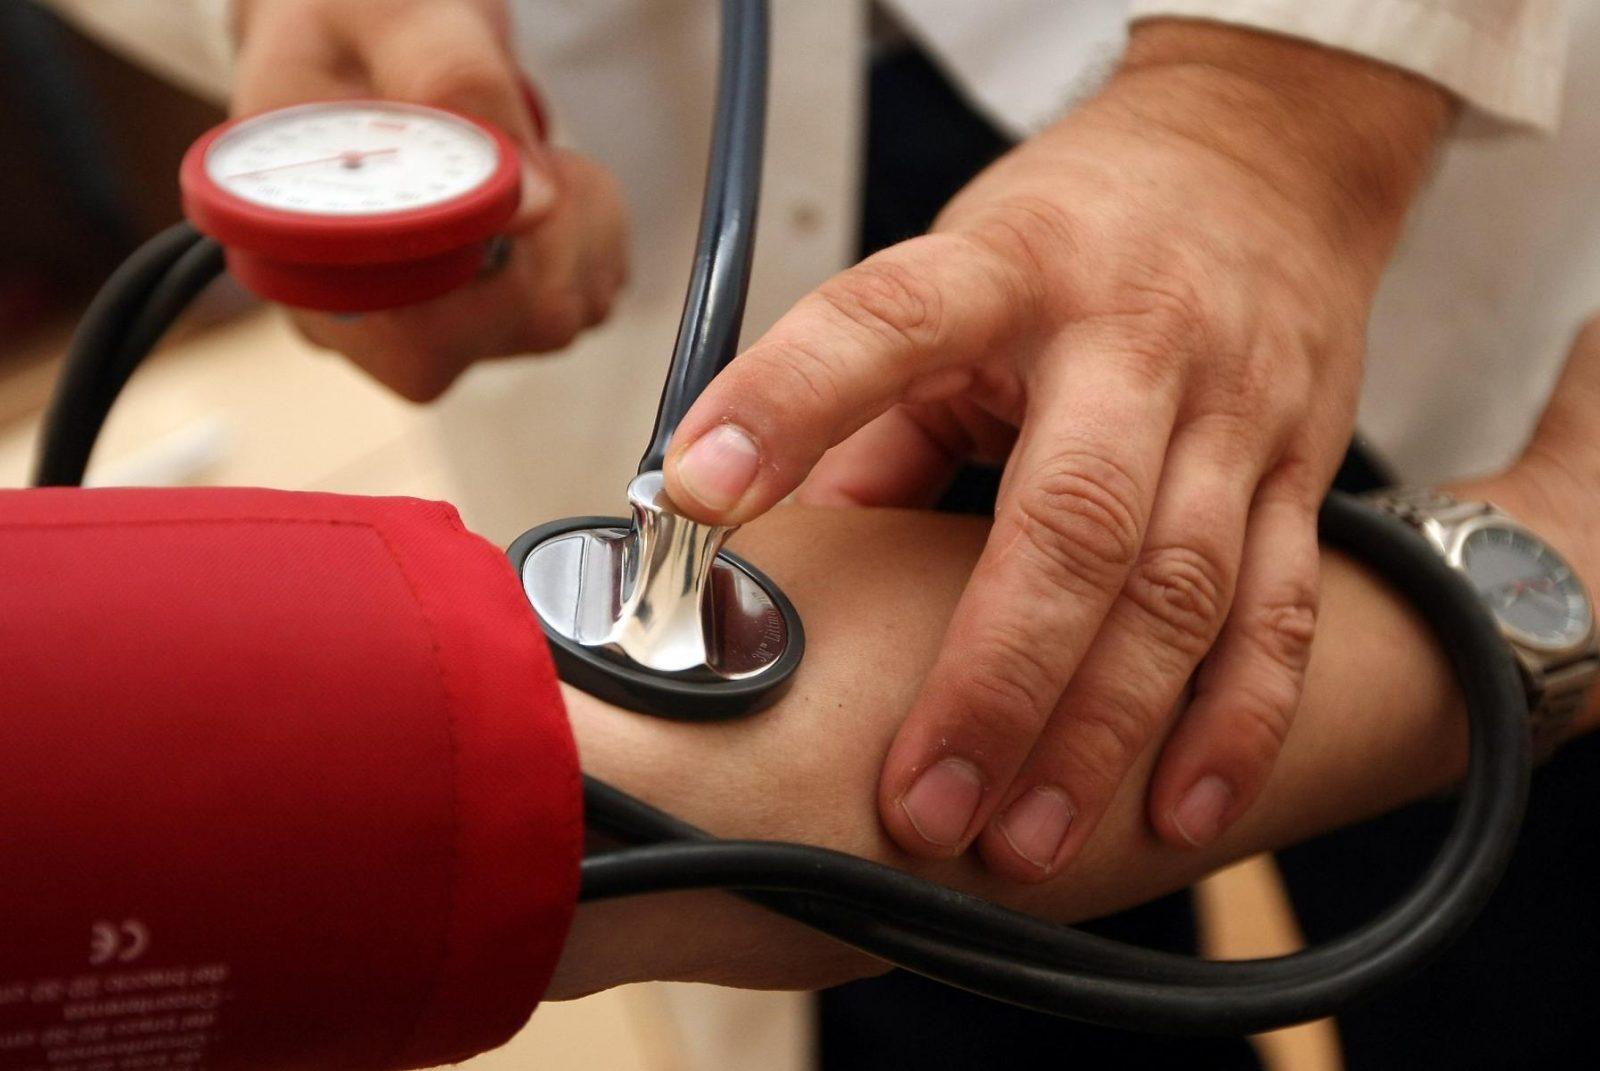 lehetséges-e nikotinsavat szedni magas vérnyomás esetén fizikai magas vérnyomás